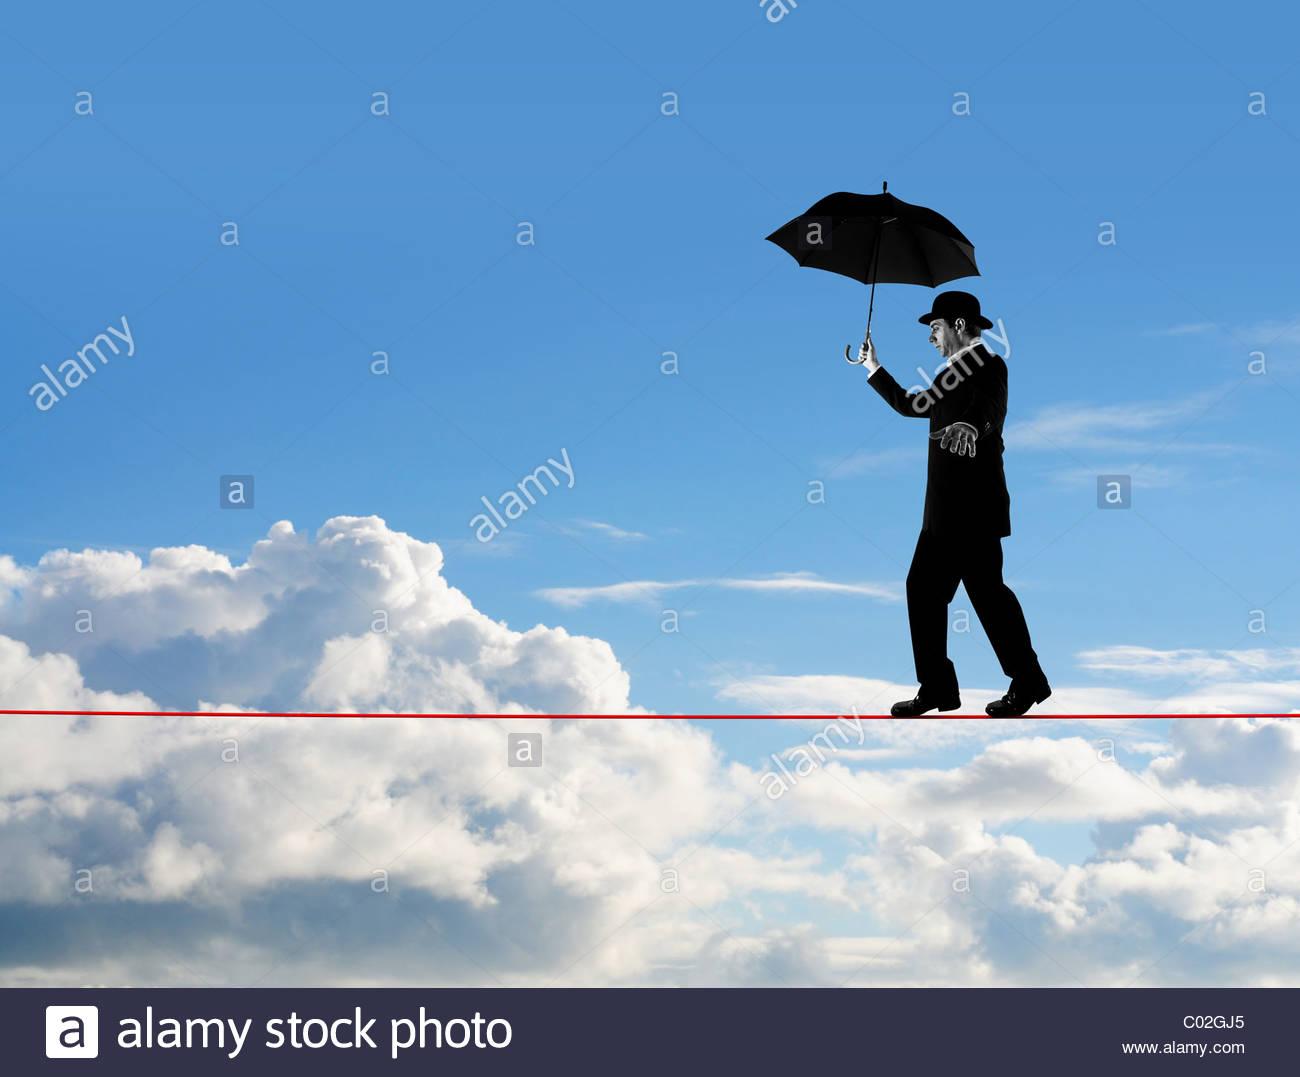 Man walking tightrope - Stock Image